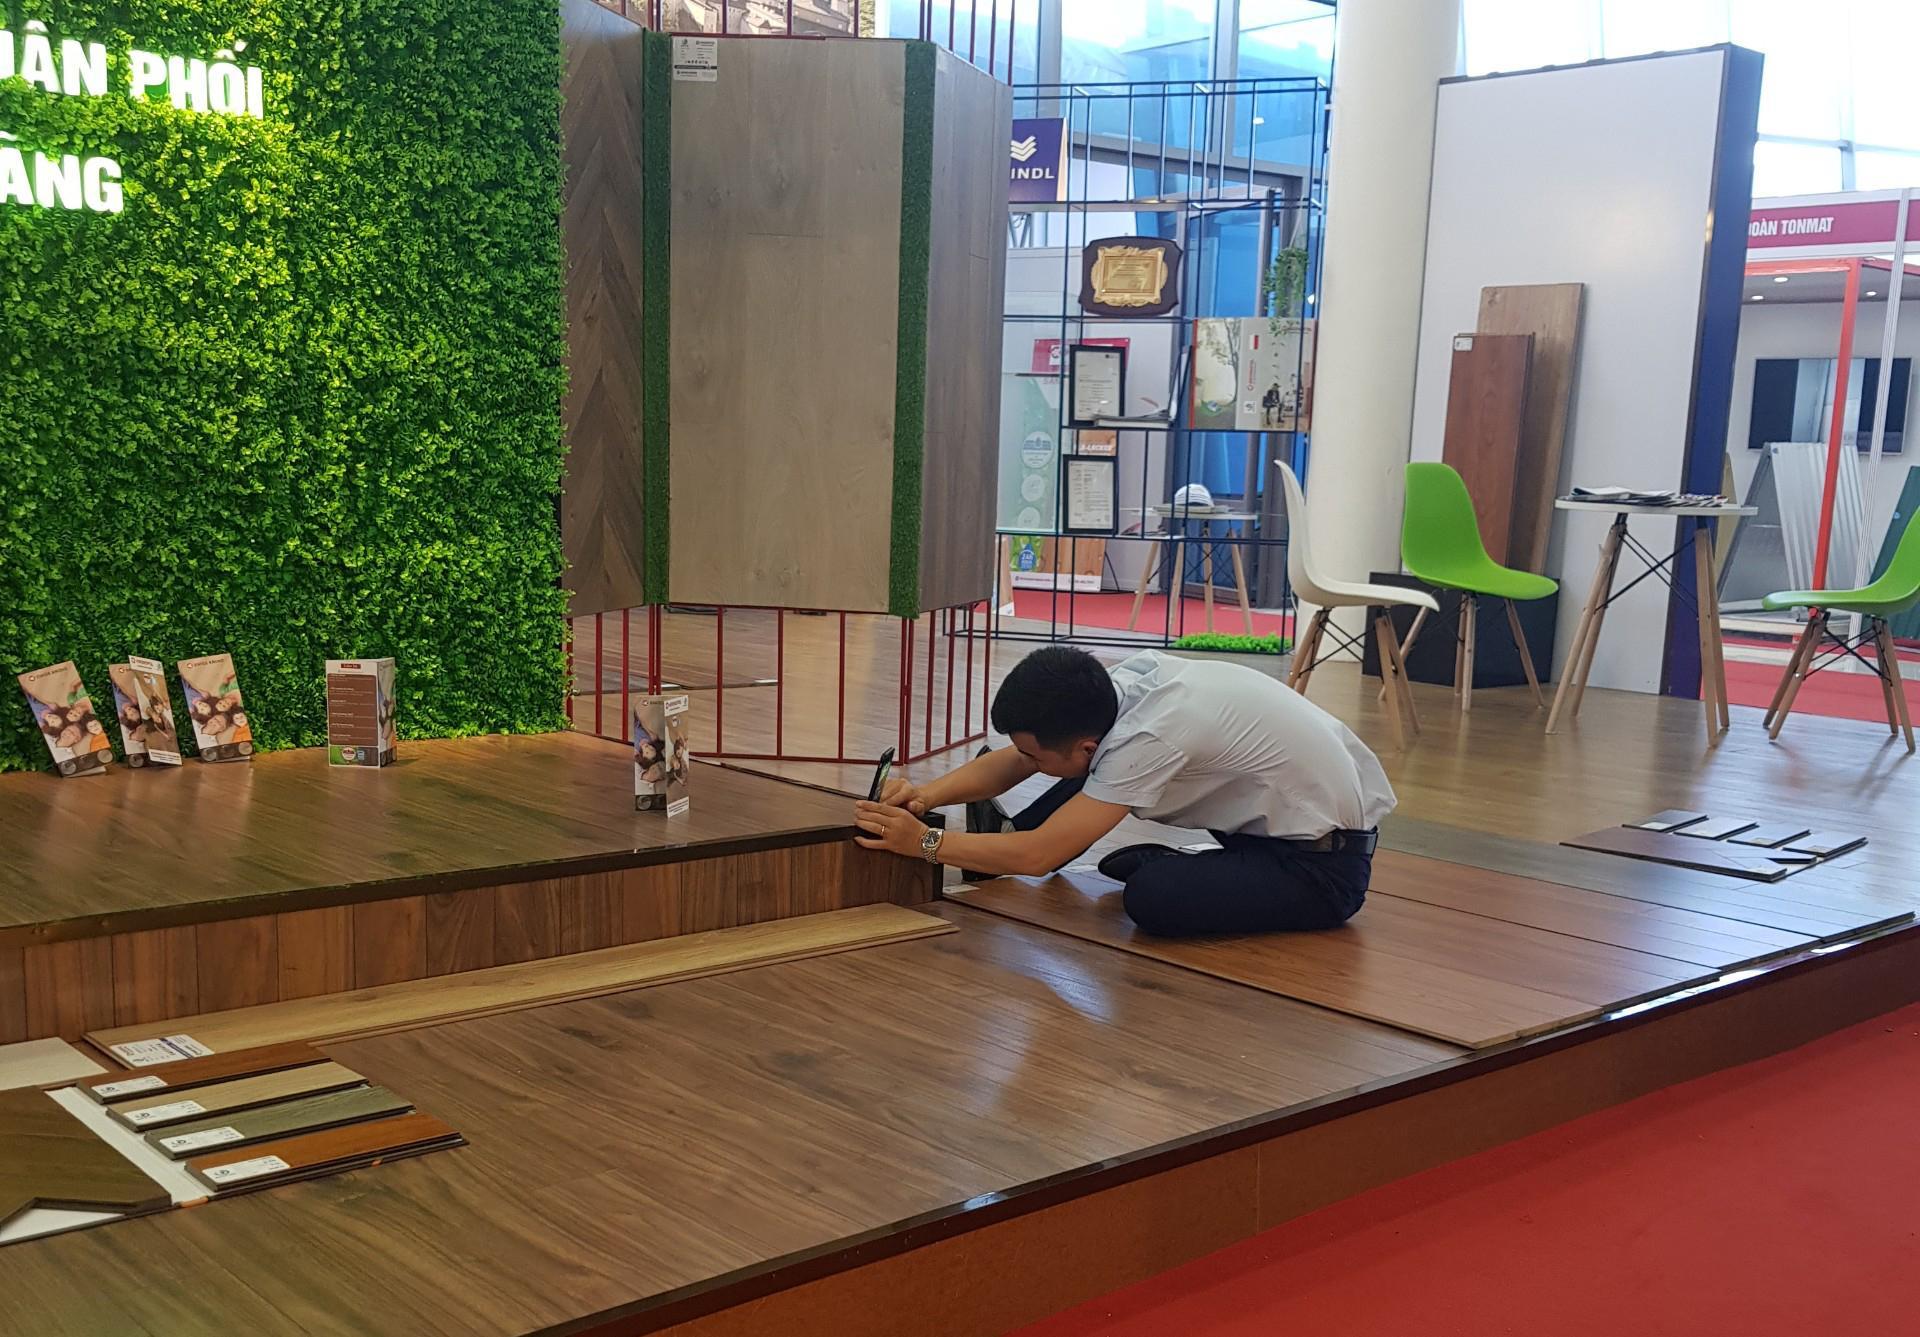 Công tác chuẩn bị cho gian hàng sàn gỗ Kronopol trước khi triển lãm được diễn ra